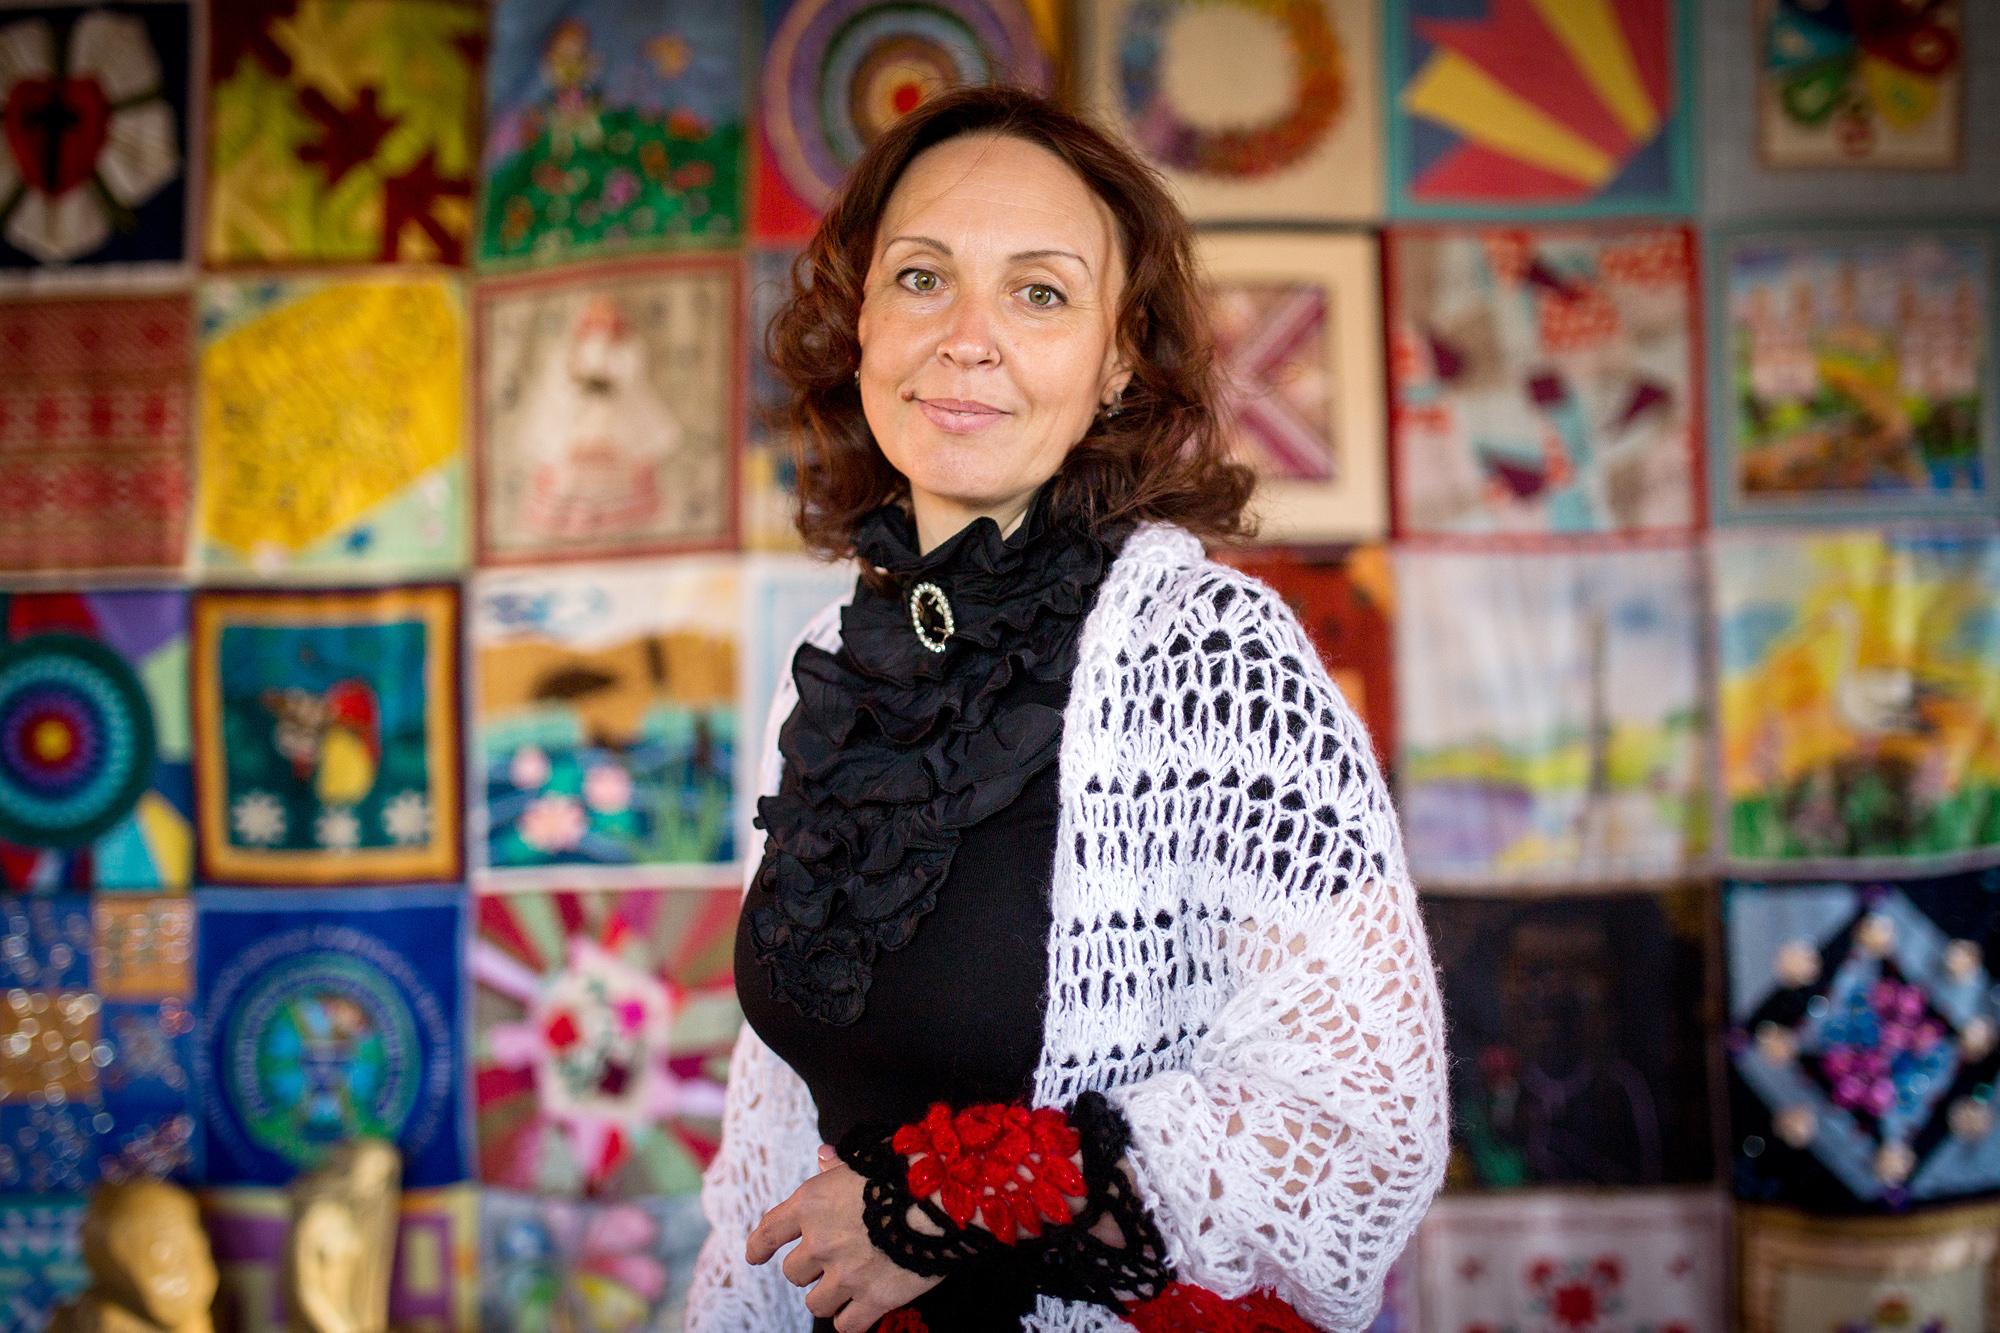 Семья Елены жила в собственном доме в украинском селе Петровка Луганской области.